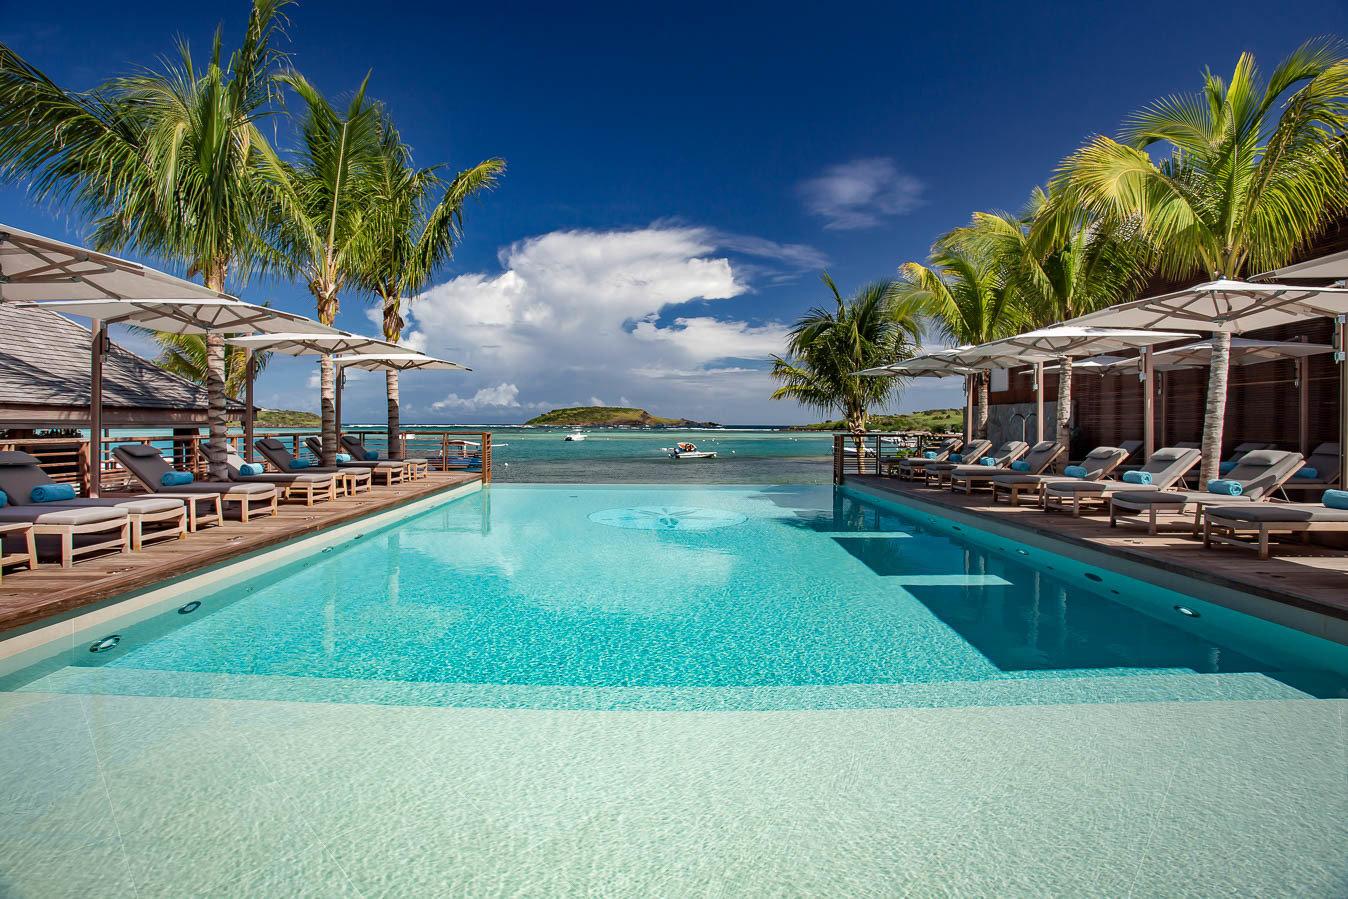 Le Barthélemy Hotel & Spa, St. Barts, Caribbean